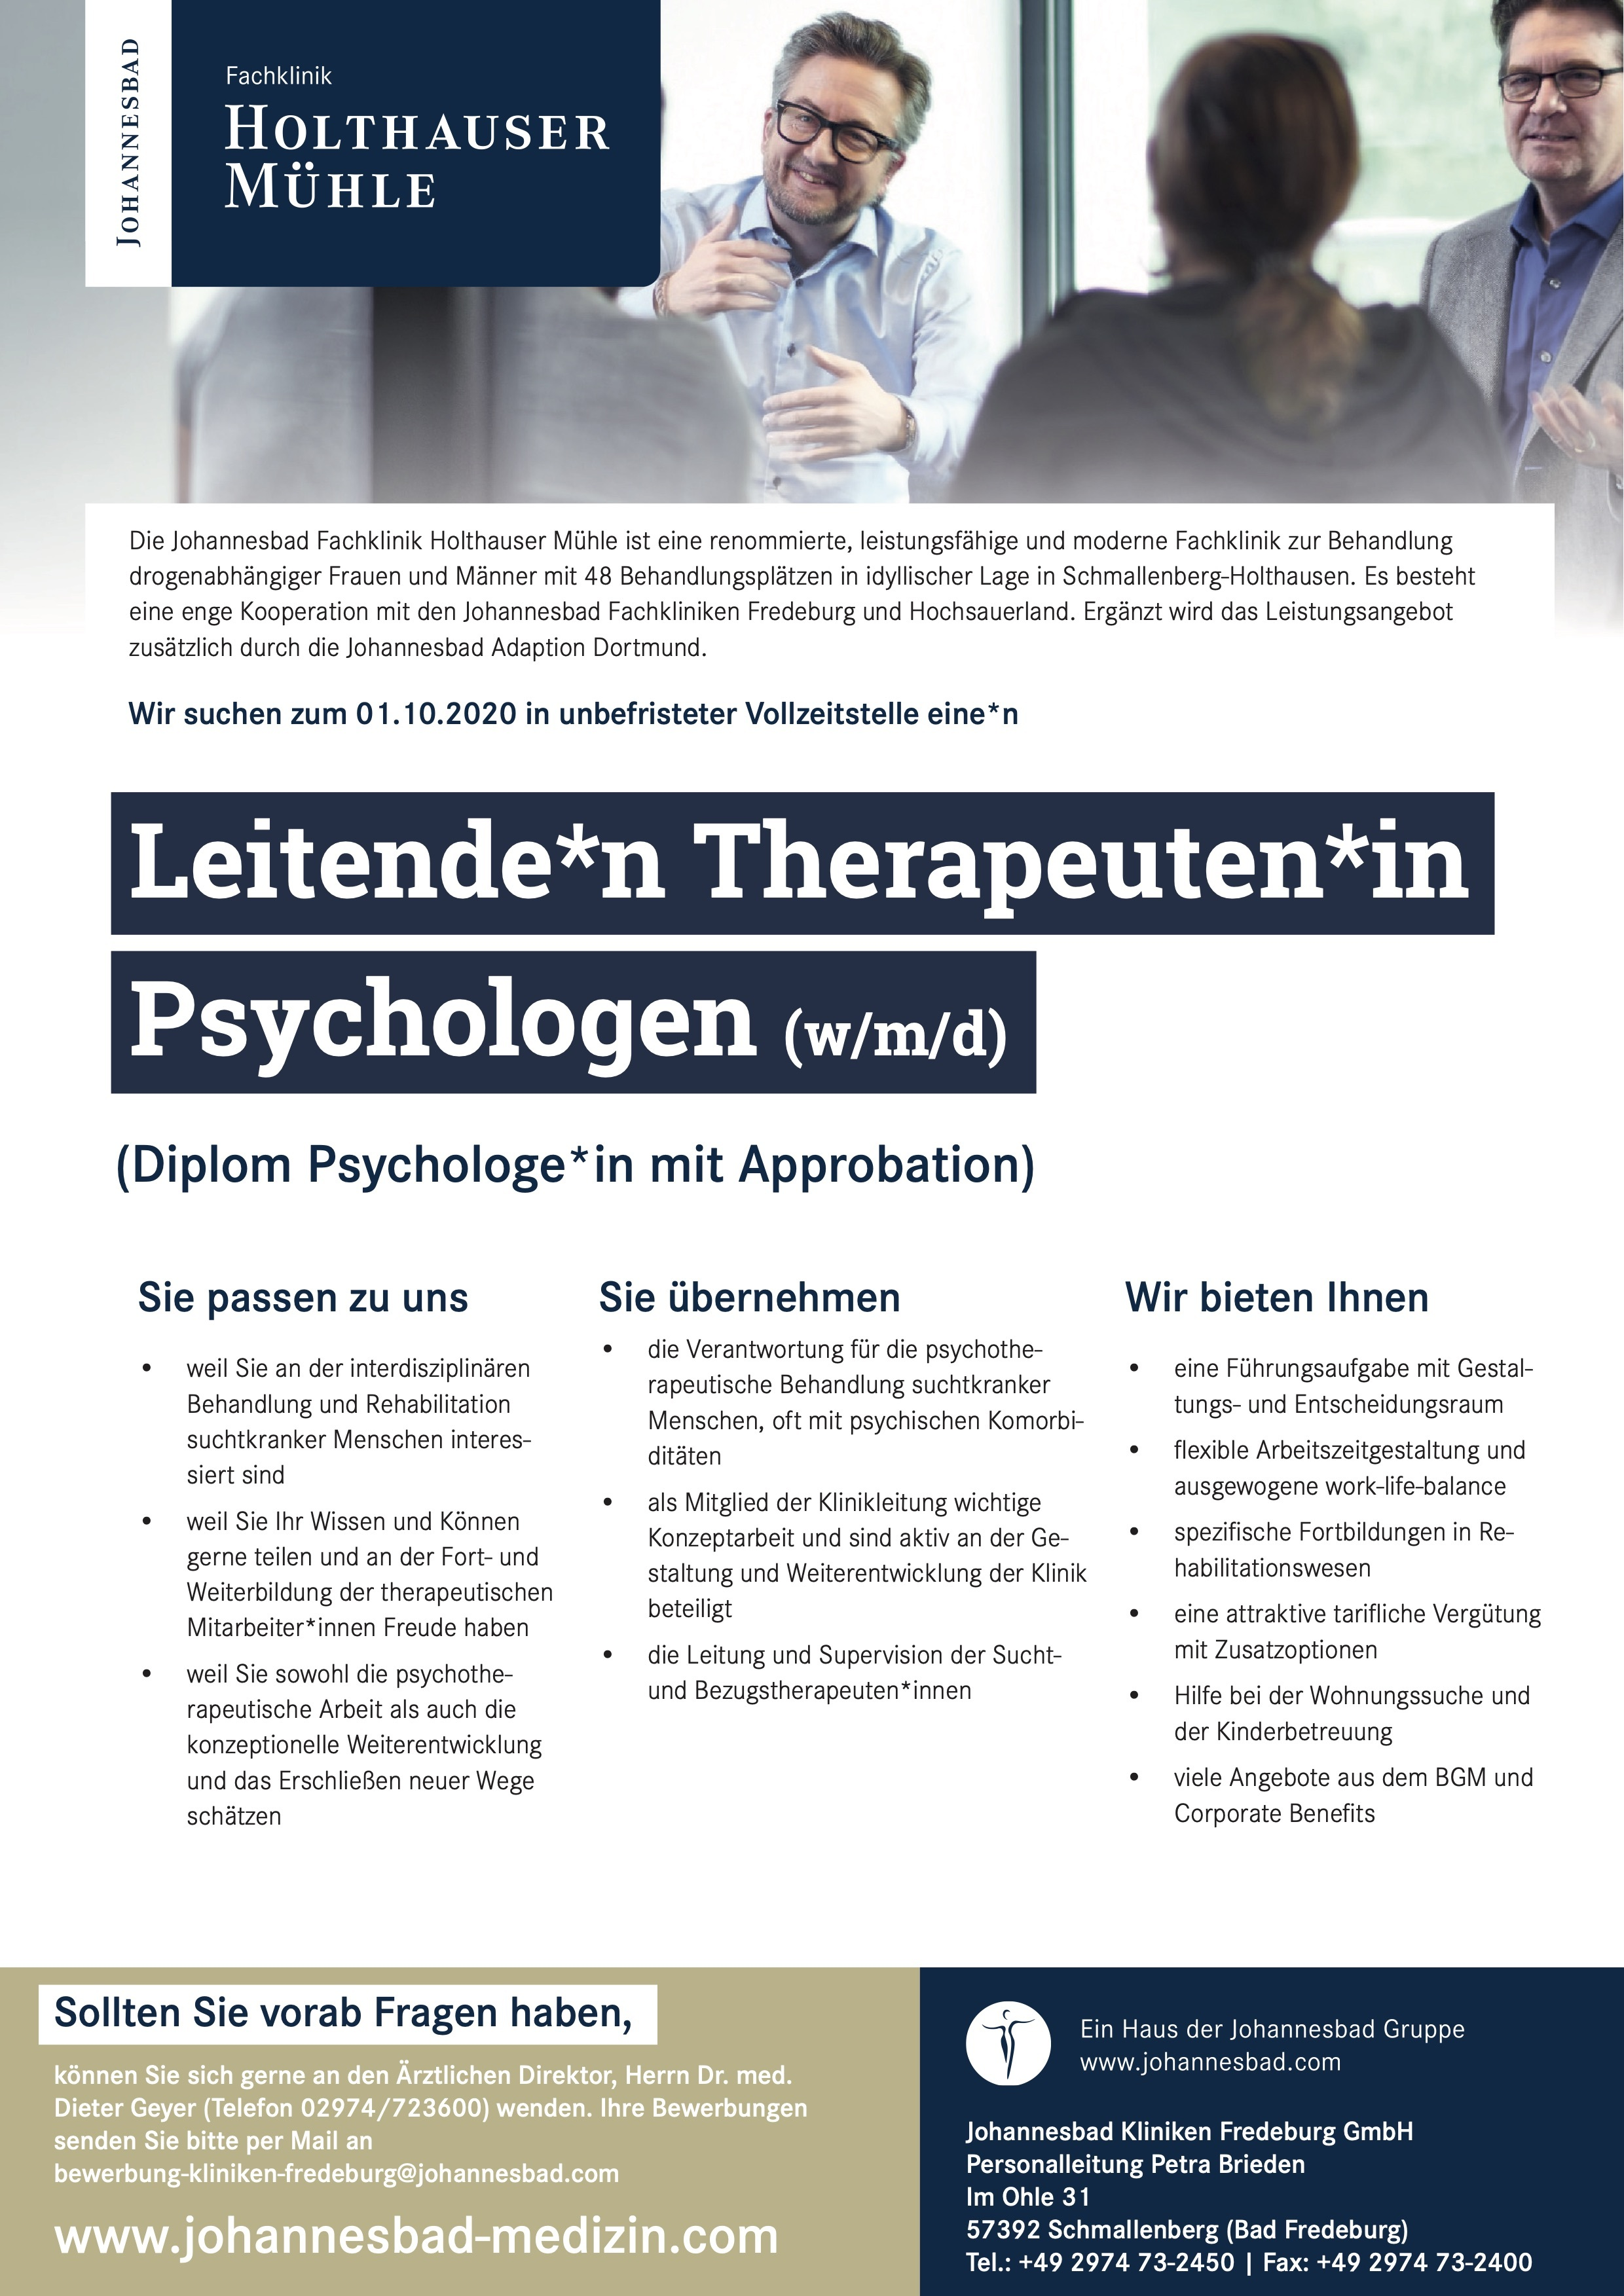 Leitende*n Therapeuten*in Psychologen (w/m/d)